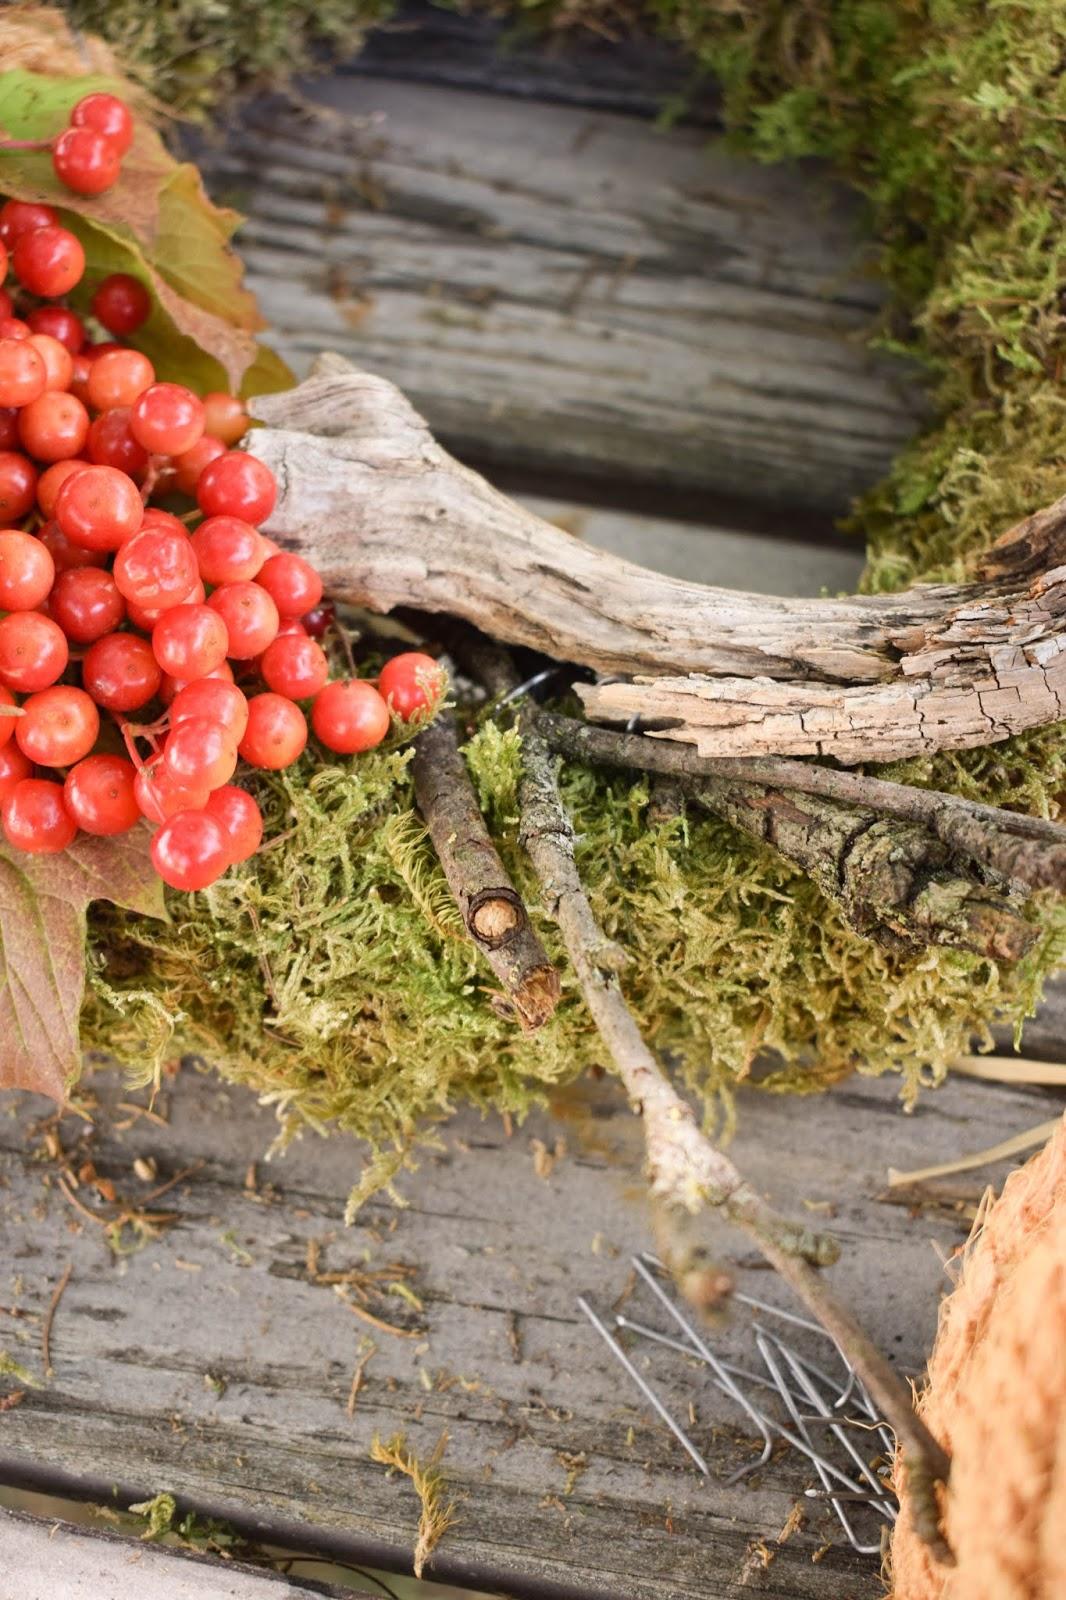 DIY Mooskranz einfach selber machen mit Moos Beeren Holz und Sisal. Naturdeko Anleitung zum Kranz binden. Dekorieren mit Natur. herbstdeko